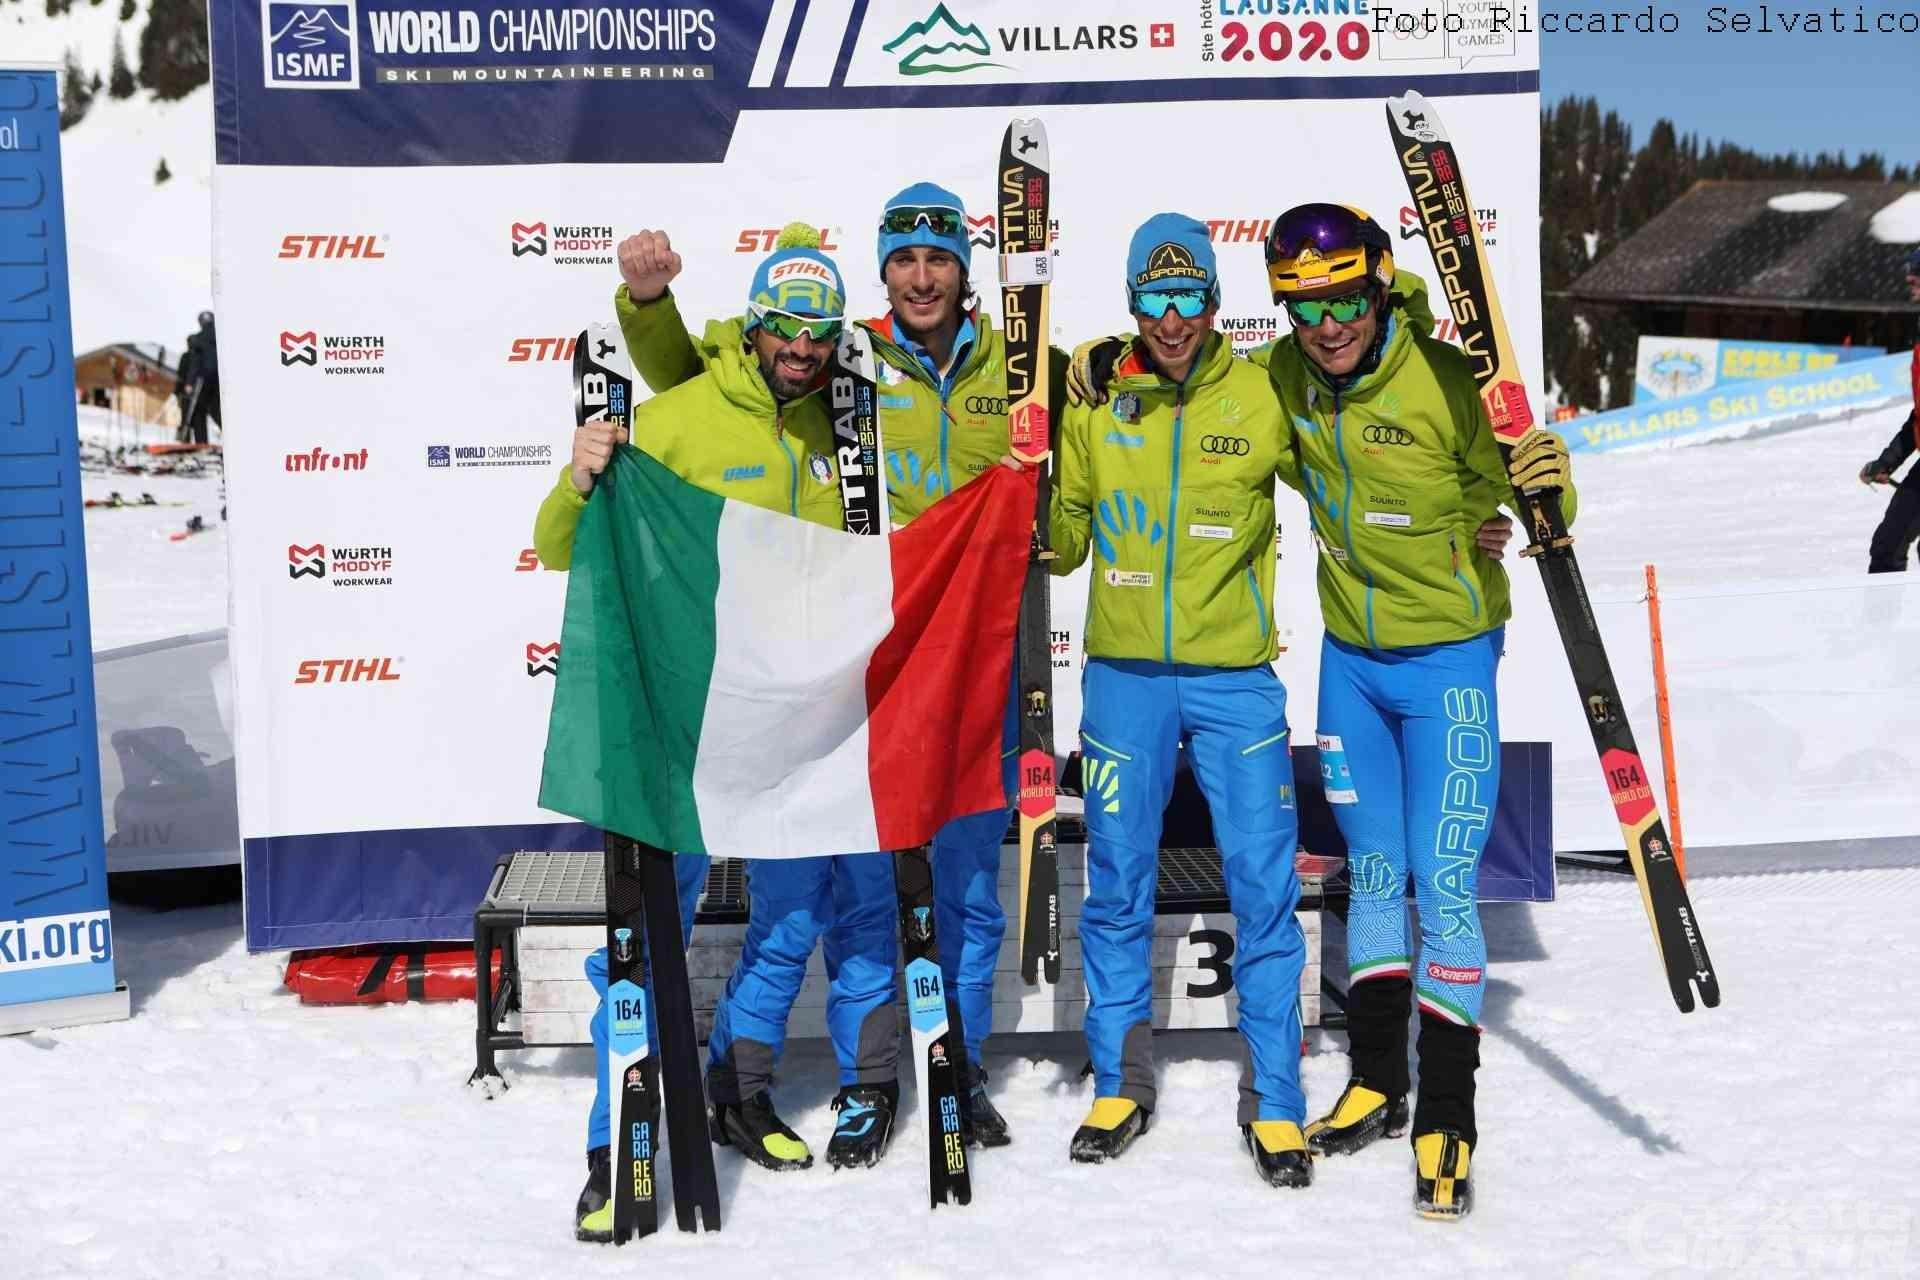 Skialp: Nadir Maguet campione del mondo con la staffetta